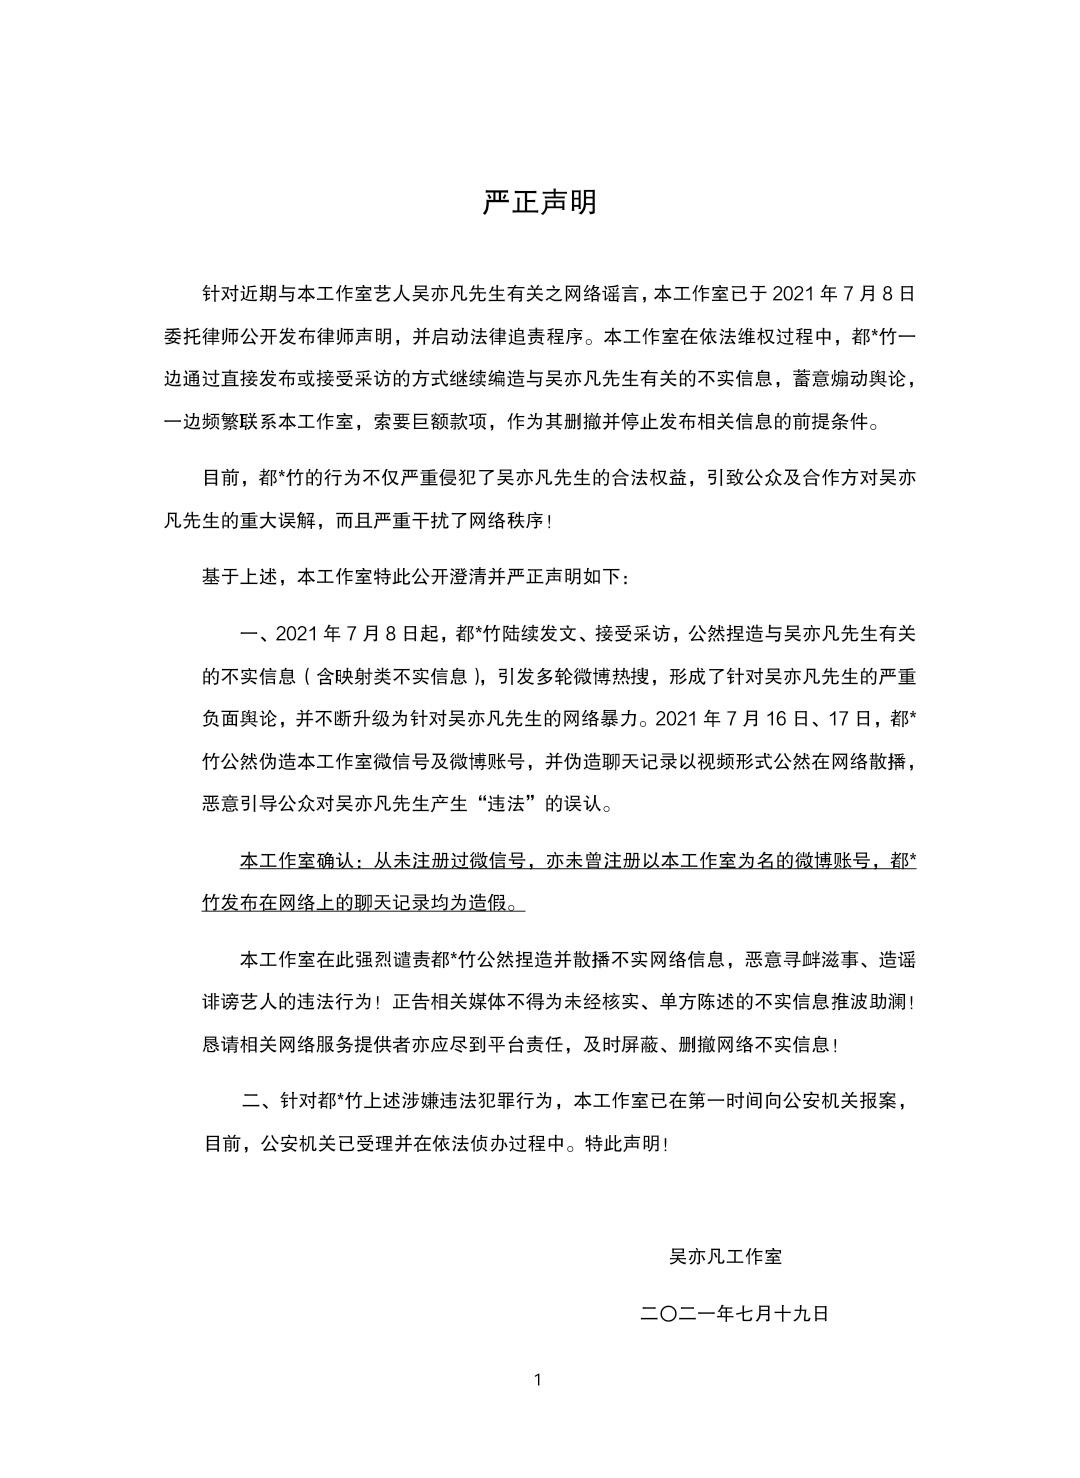 警方通报吴亦凡事件:聚会饮酒后发生过性关系,同时牵出诈骗案